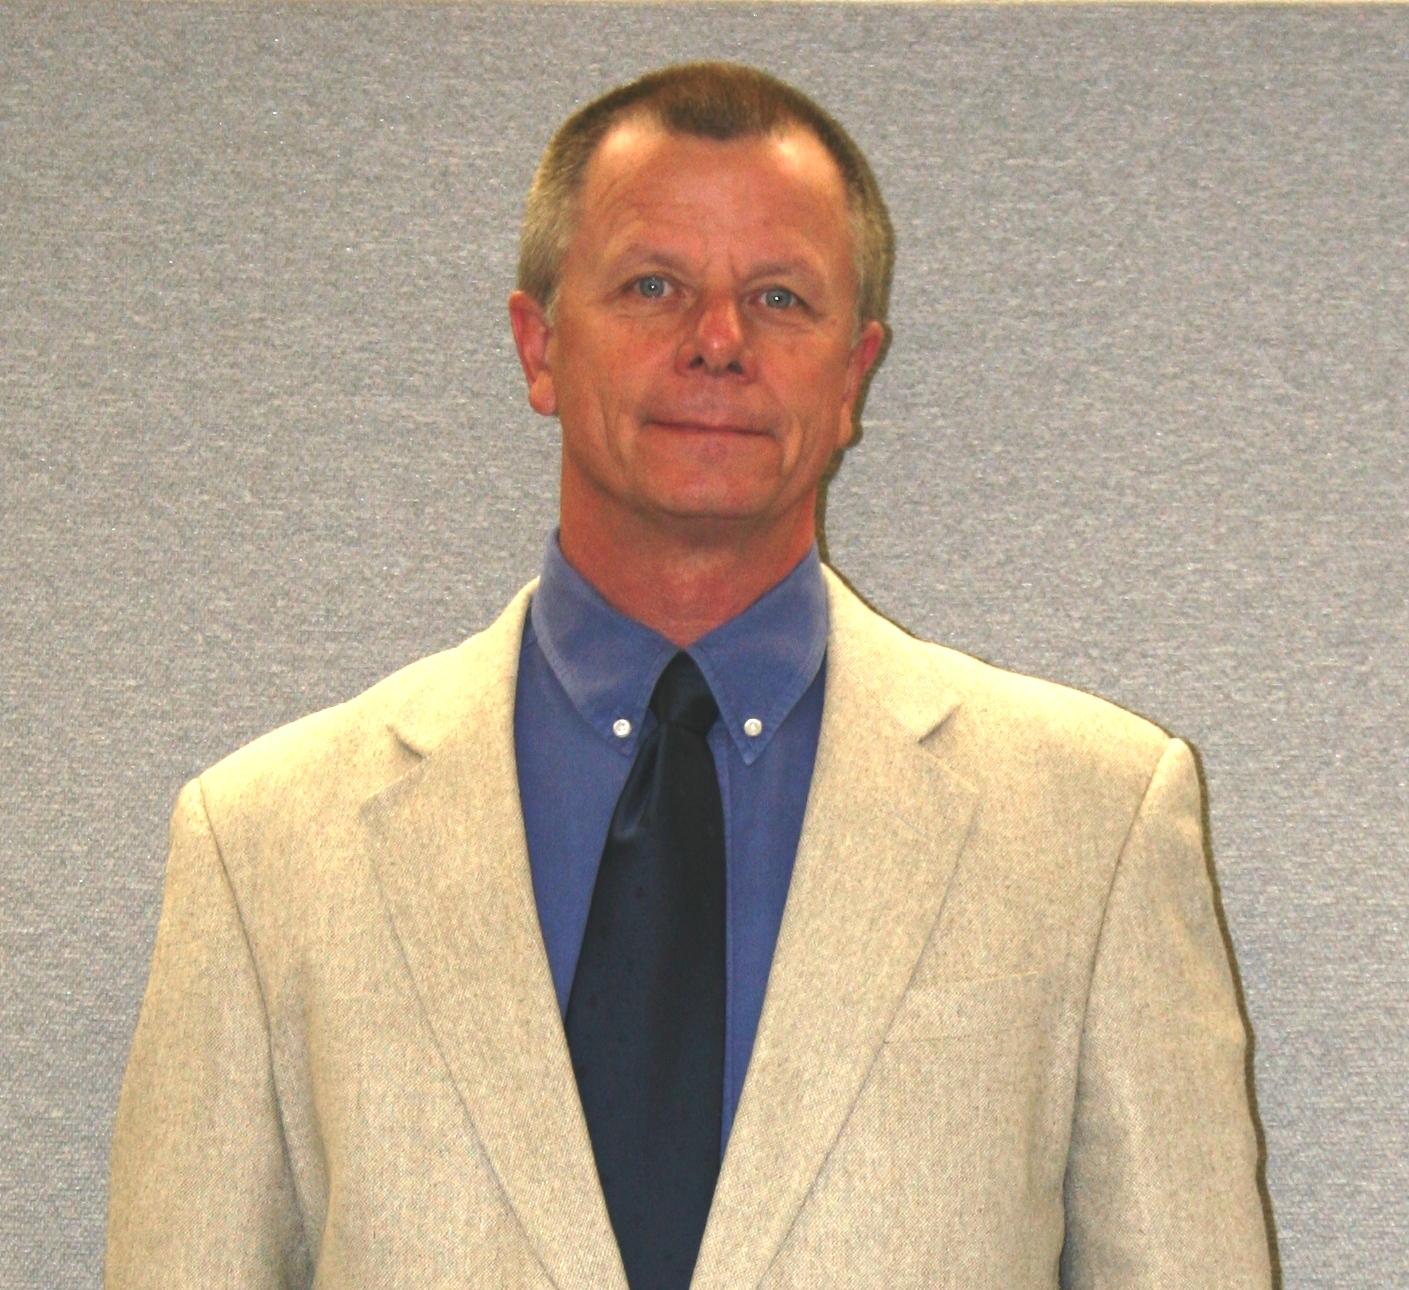 Steve Knell